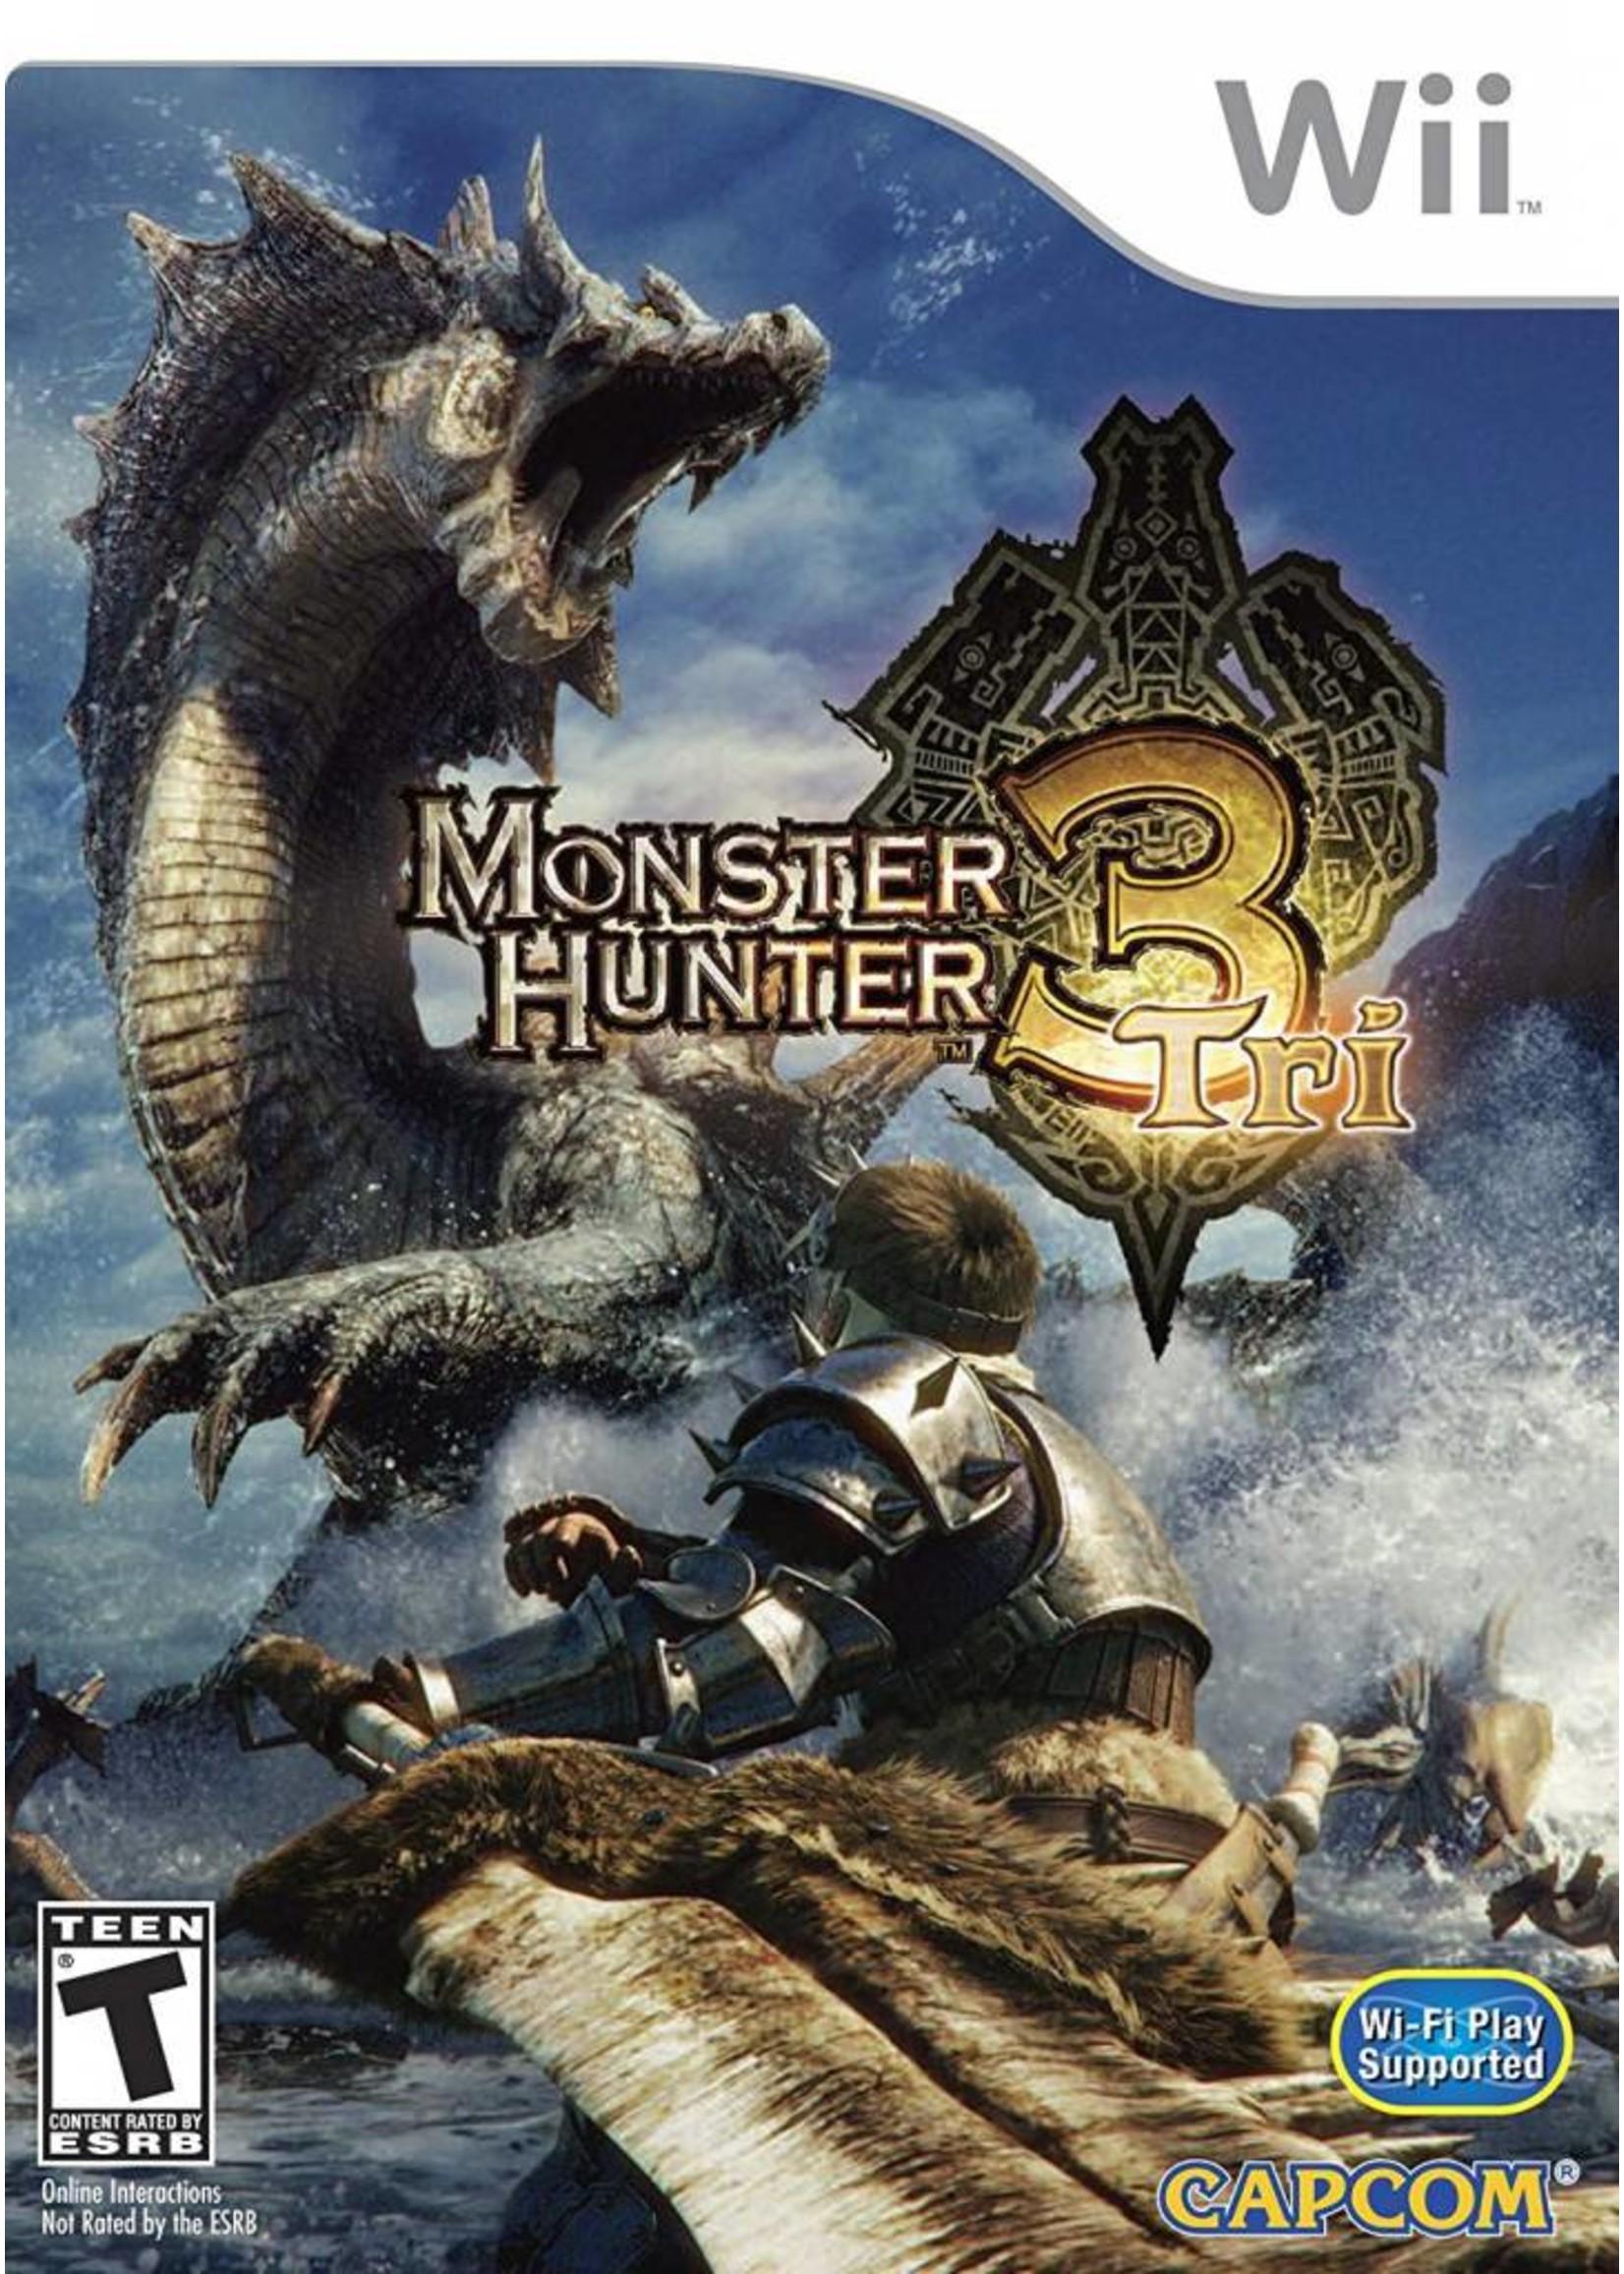 Monster Hunter Tri - WII NEW